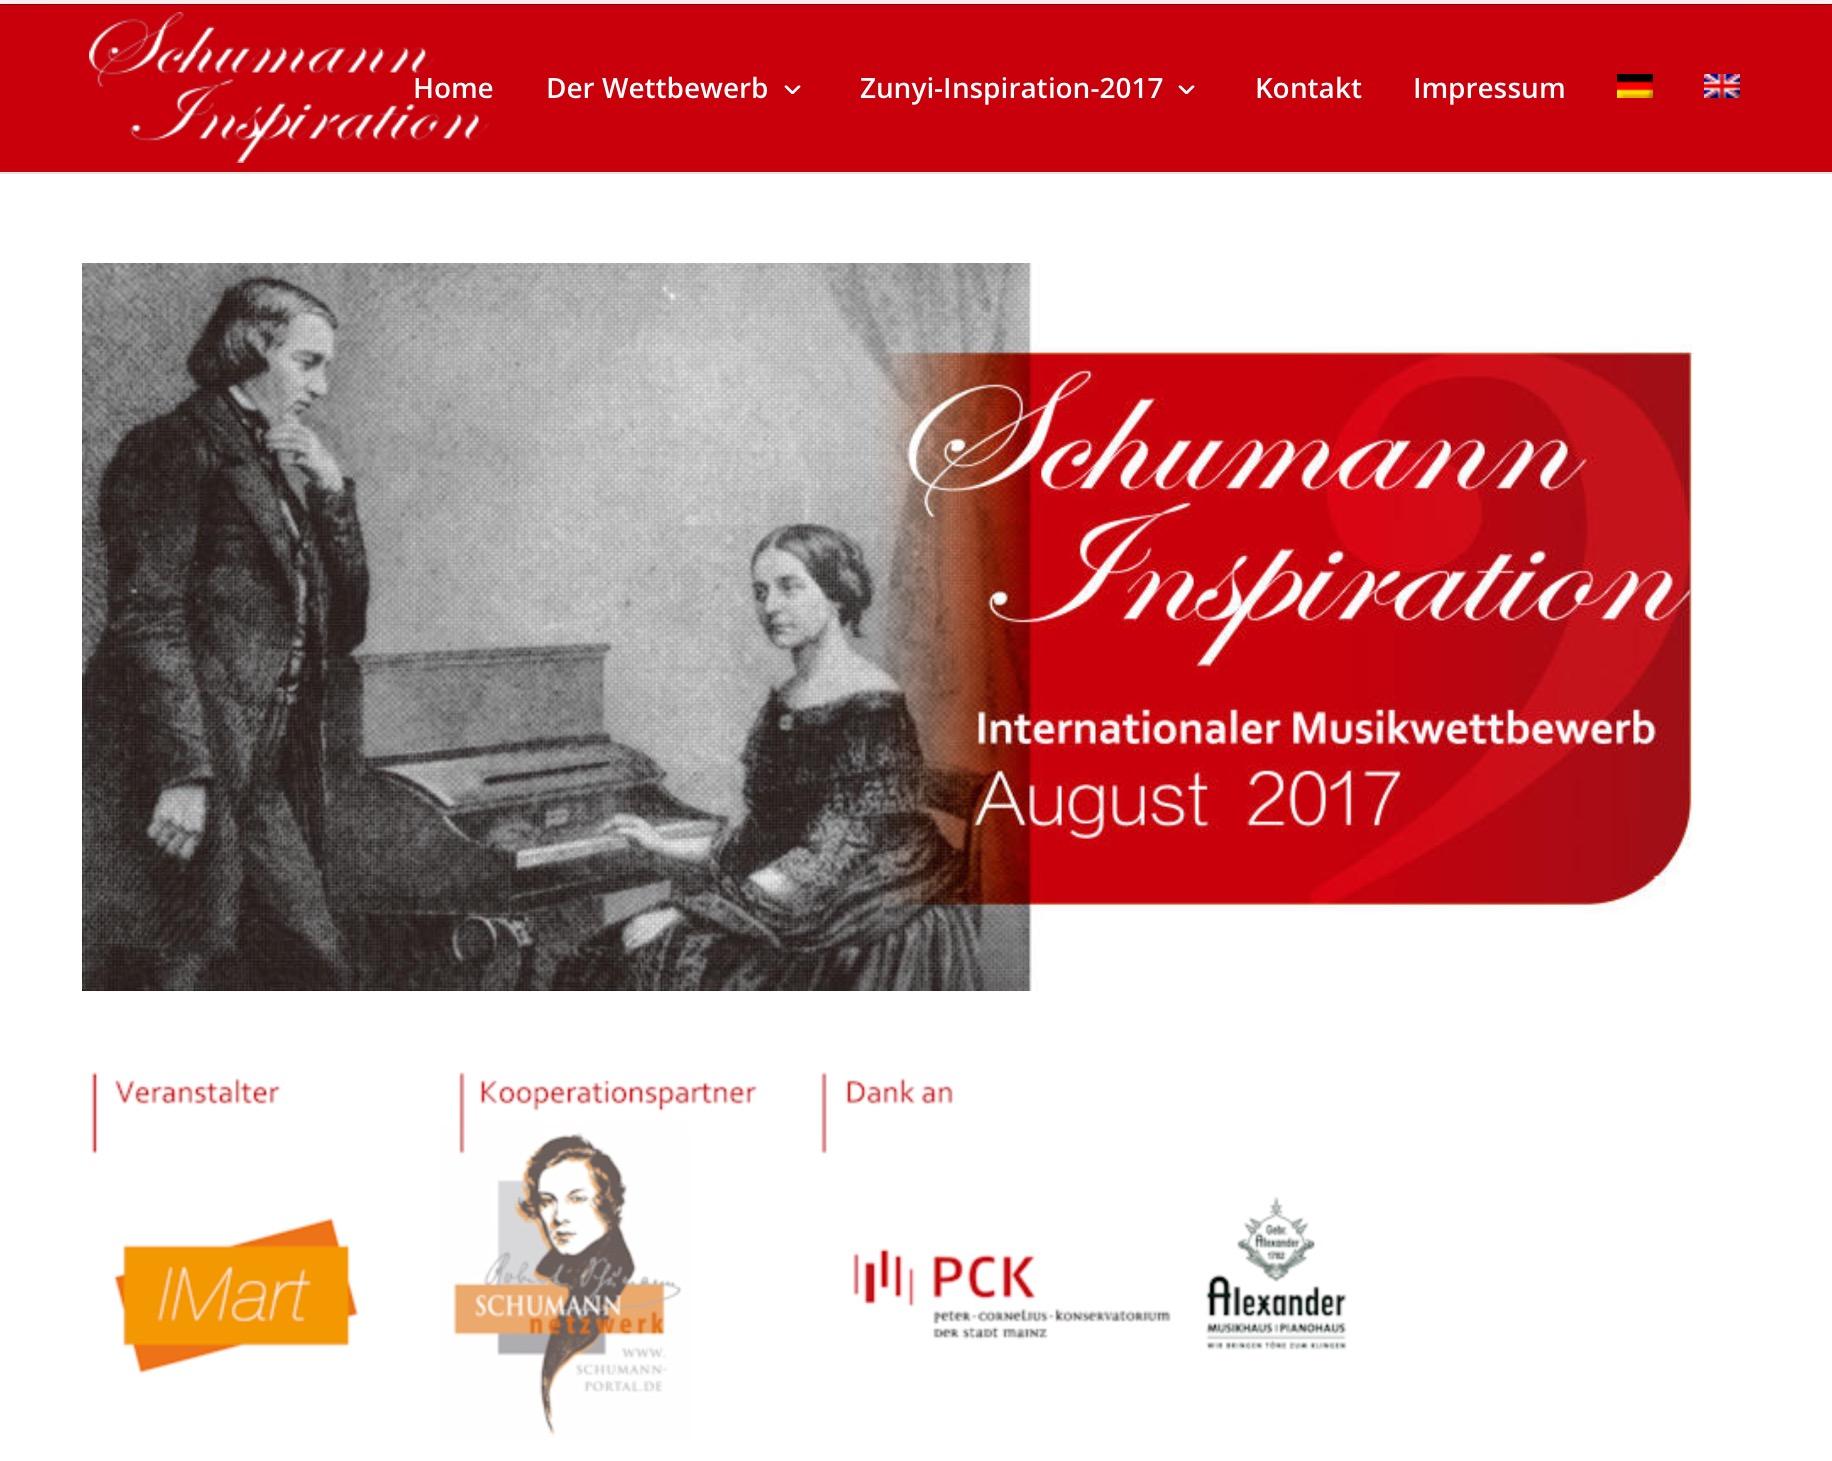 http://schumann-inspiration.com/